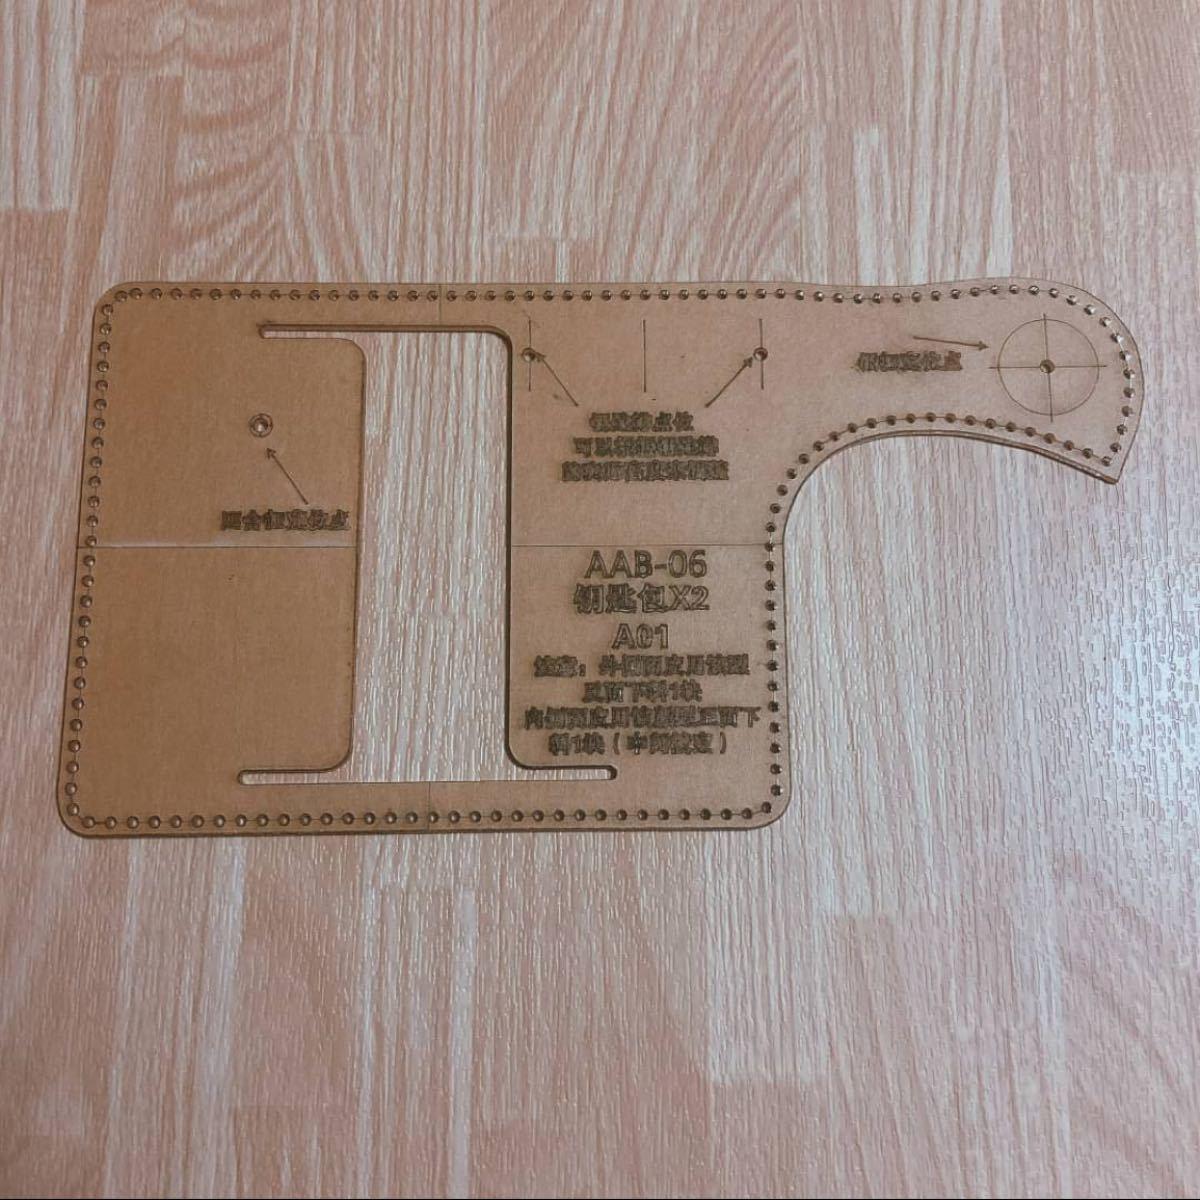 レザーキーケース アクリル型 ハンドメイセット レザークラフト 折りたたみ財布 小銭入れ コンチョ